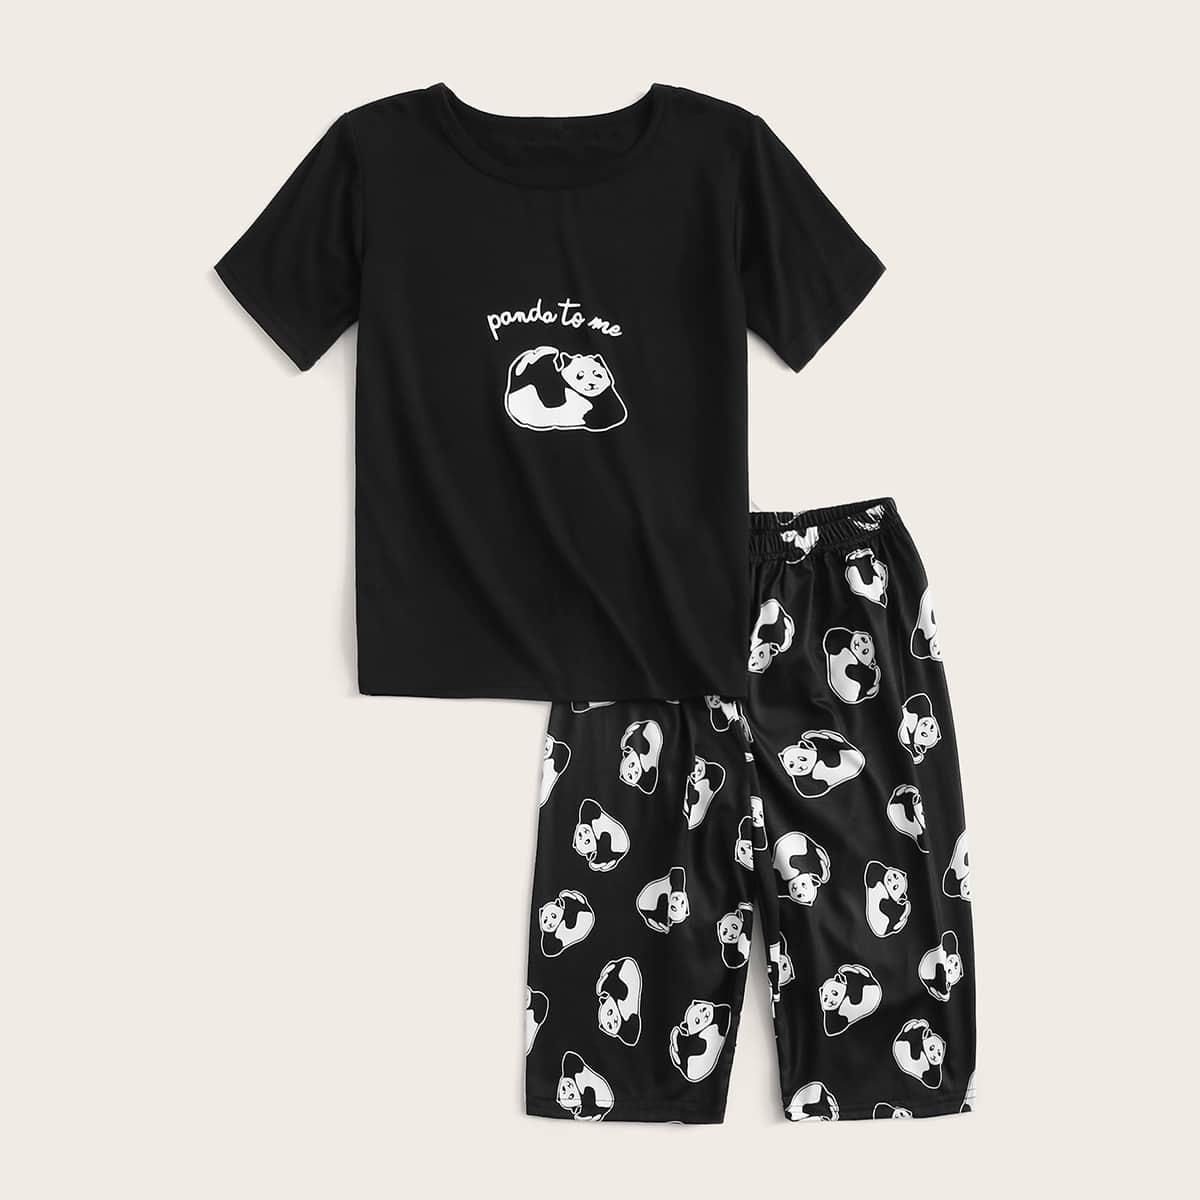 Пижама с текстовым и мультяшным принтом для мальчиков от SHEIN